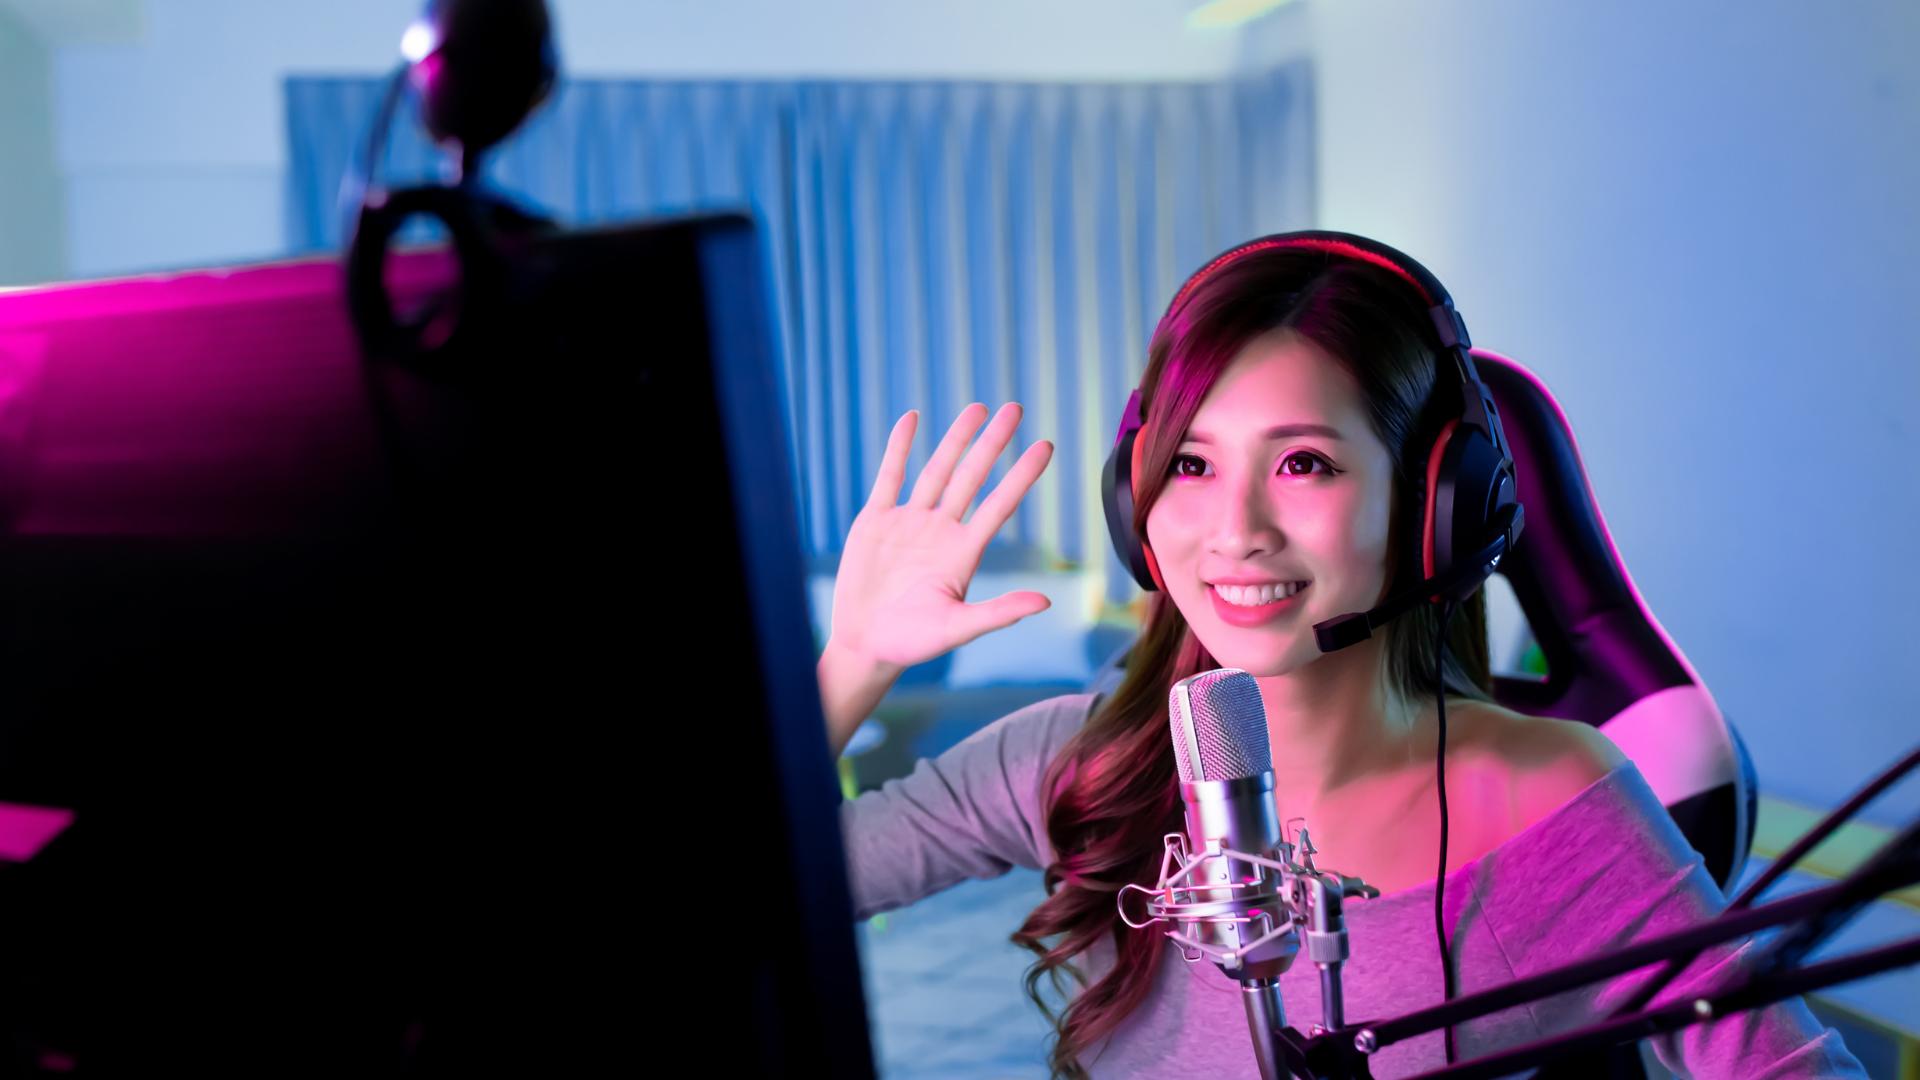 live streaming gamer girl